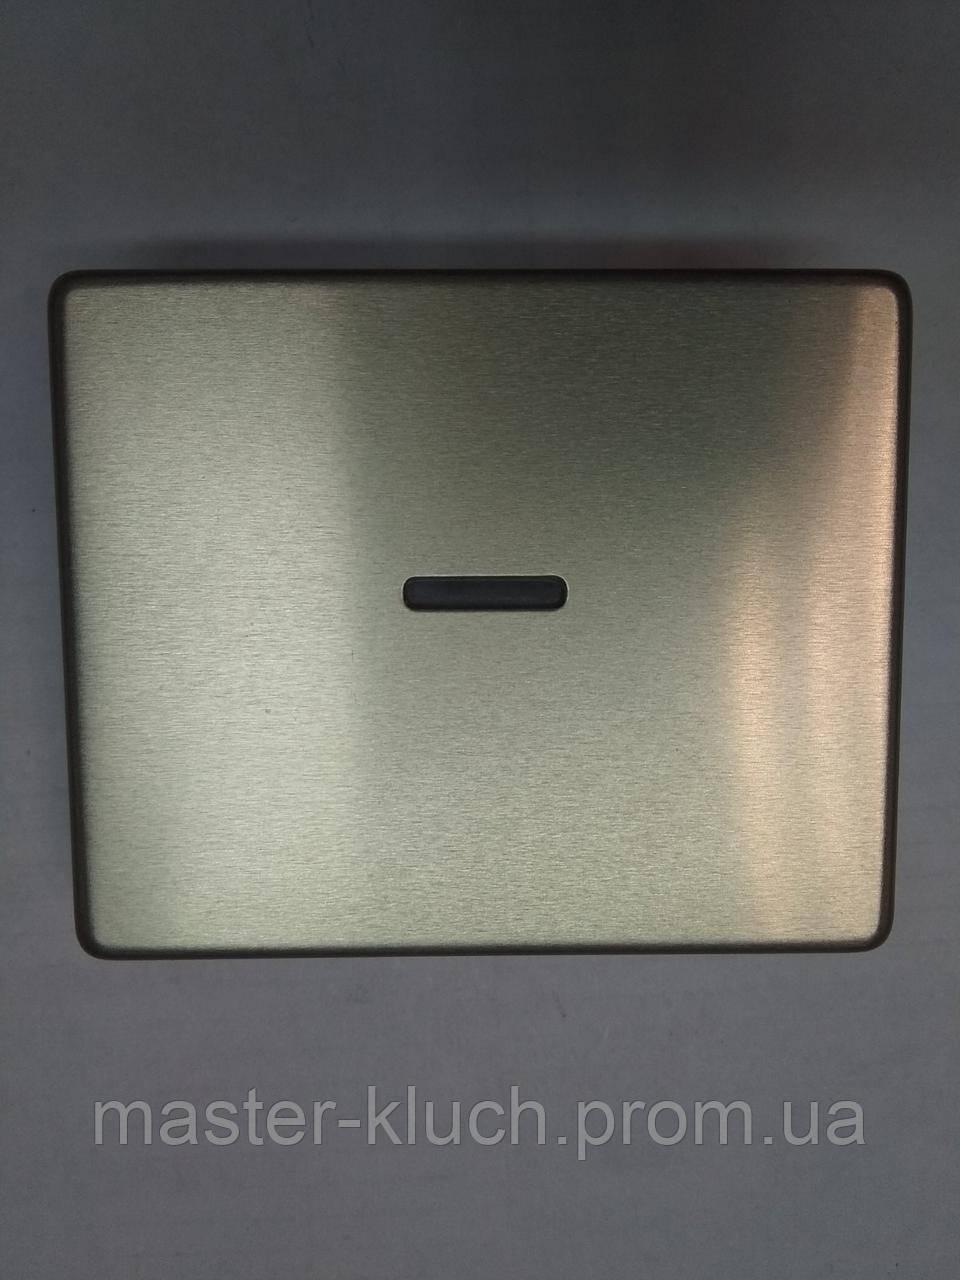 Выключатель одноклавишный с подсветкой Jung SL-500 накладка, фото 1